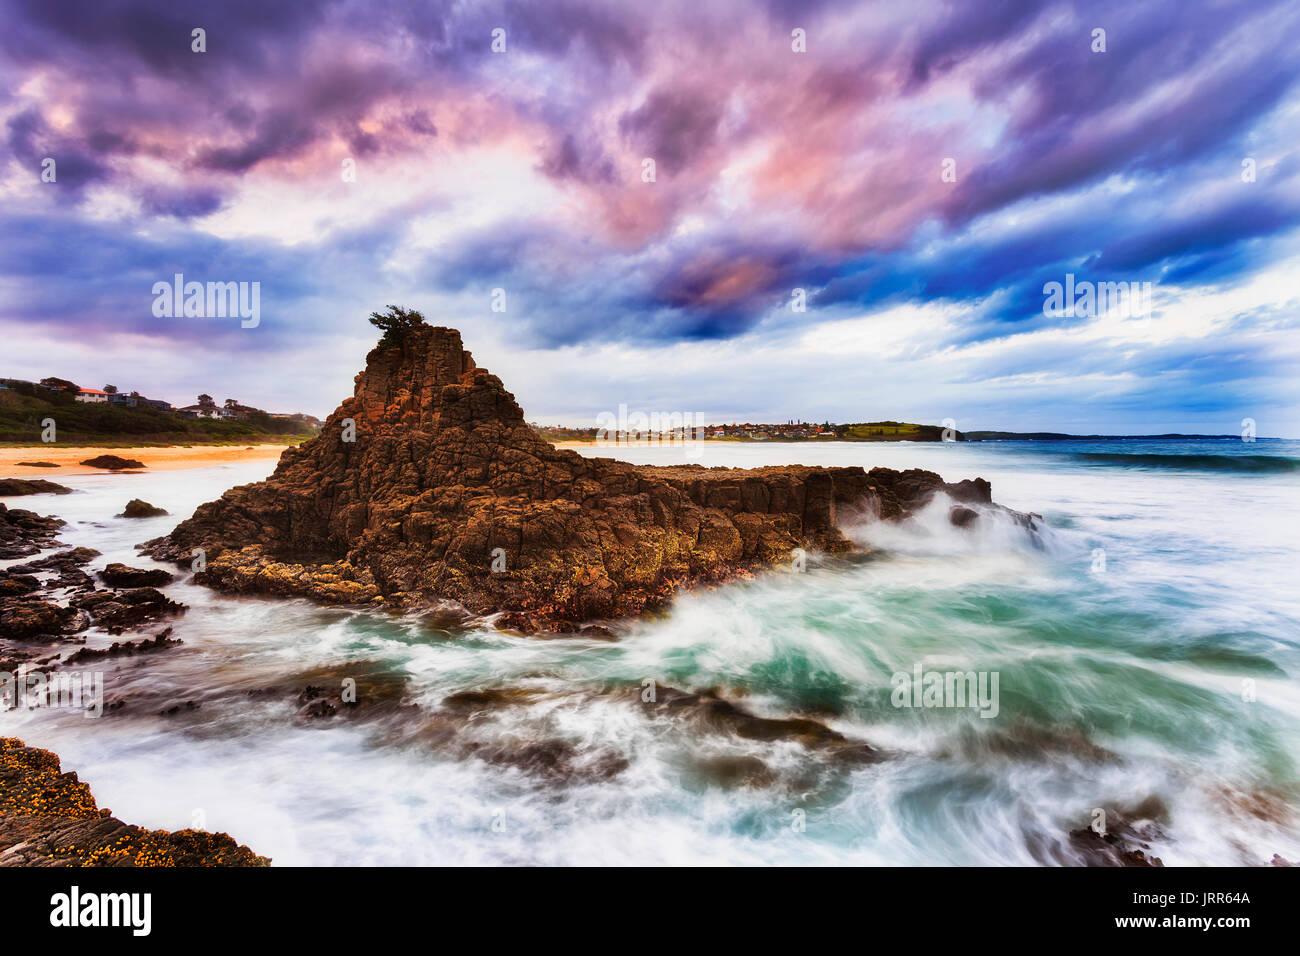 Maison falaise rocheuse érodée robuste off Kiama plage Bombo sur la côte pacifique de l'Australie au coucher du soleil avec un temps orageux. Photo Stock